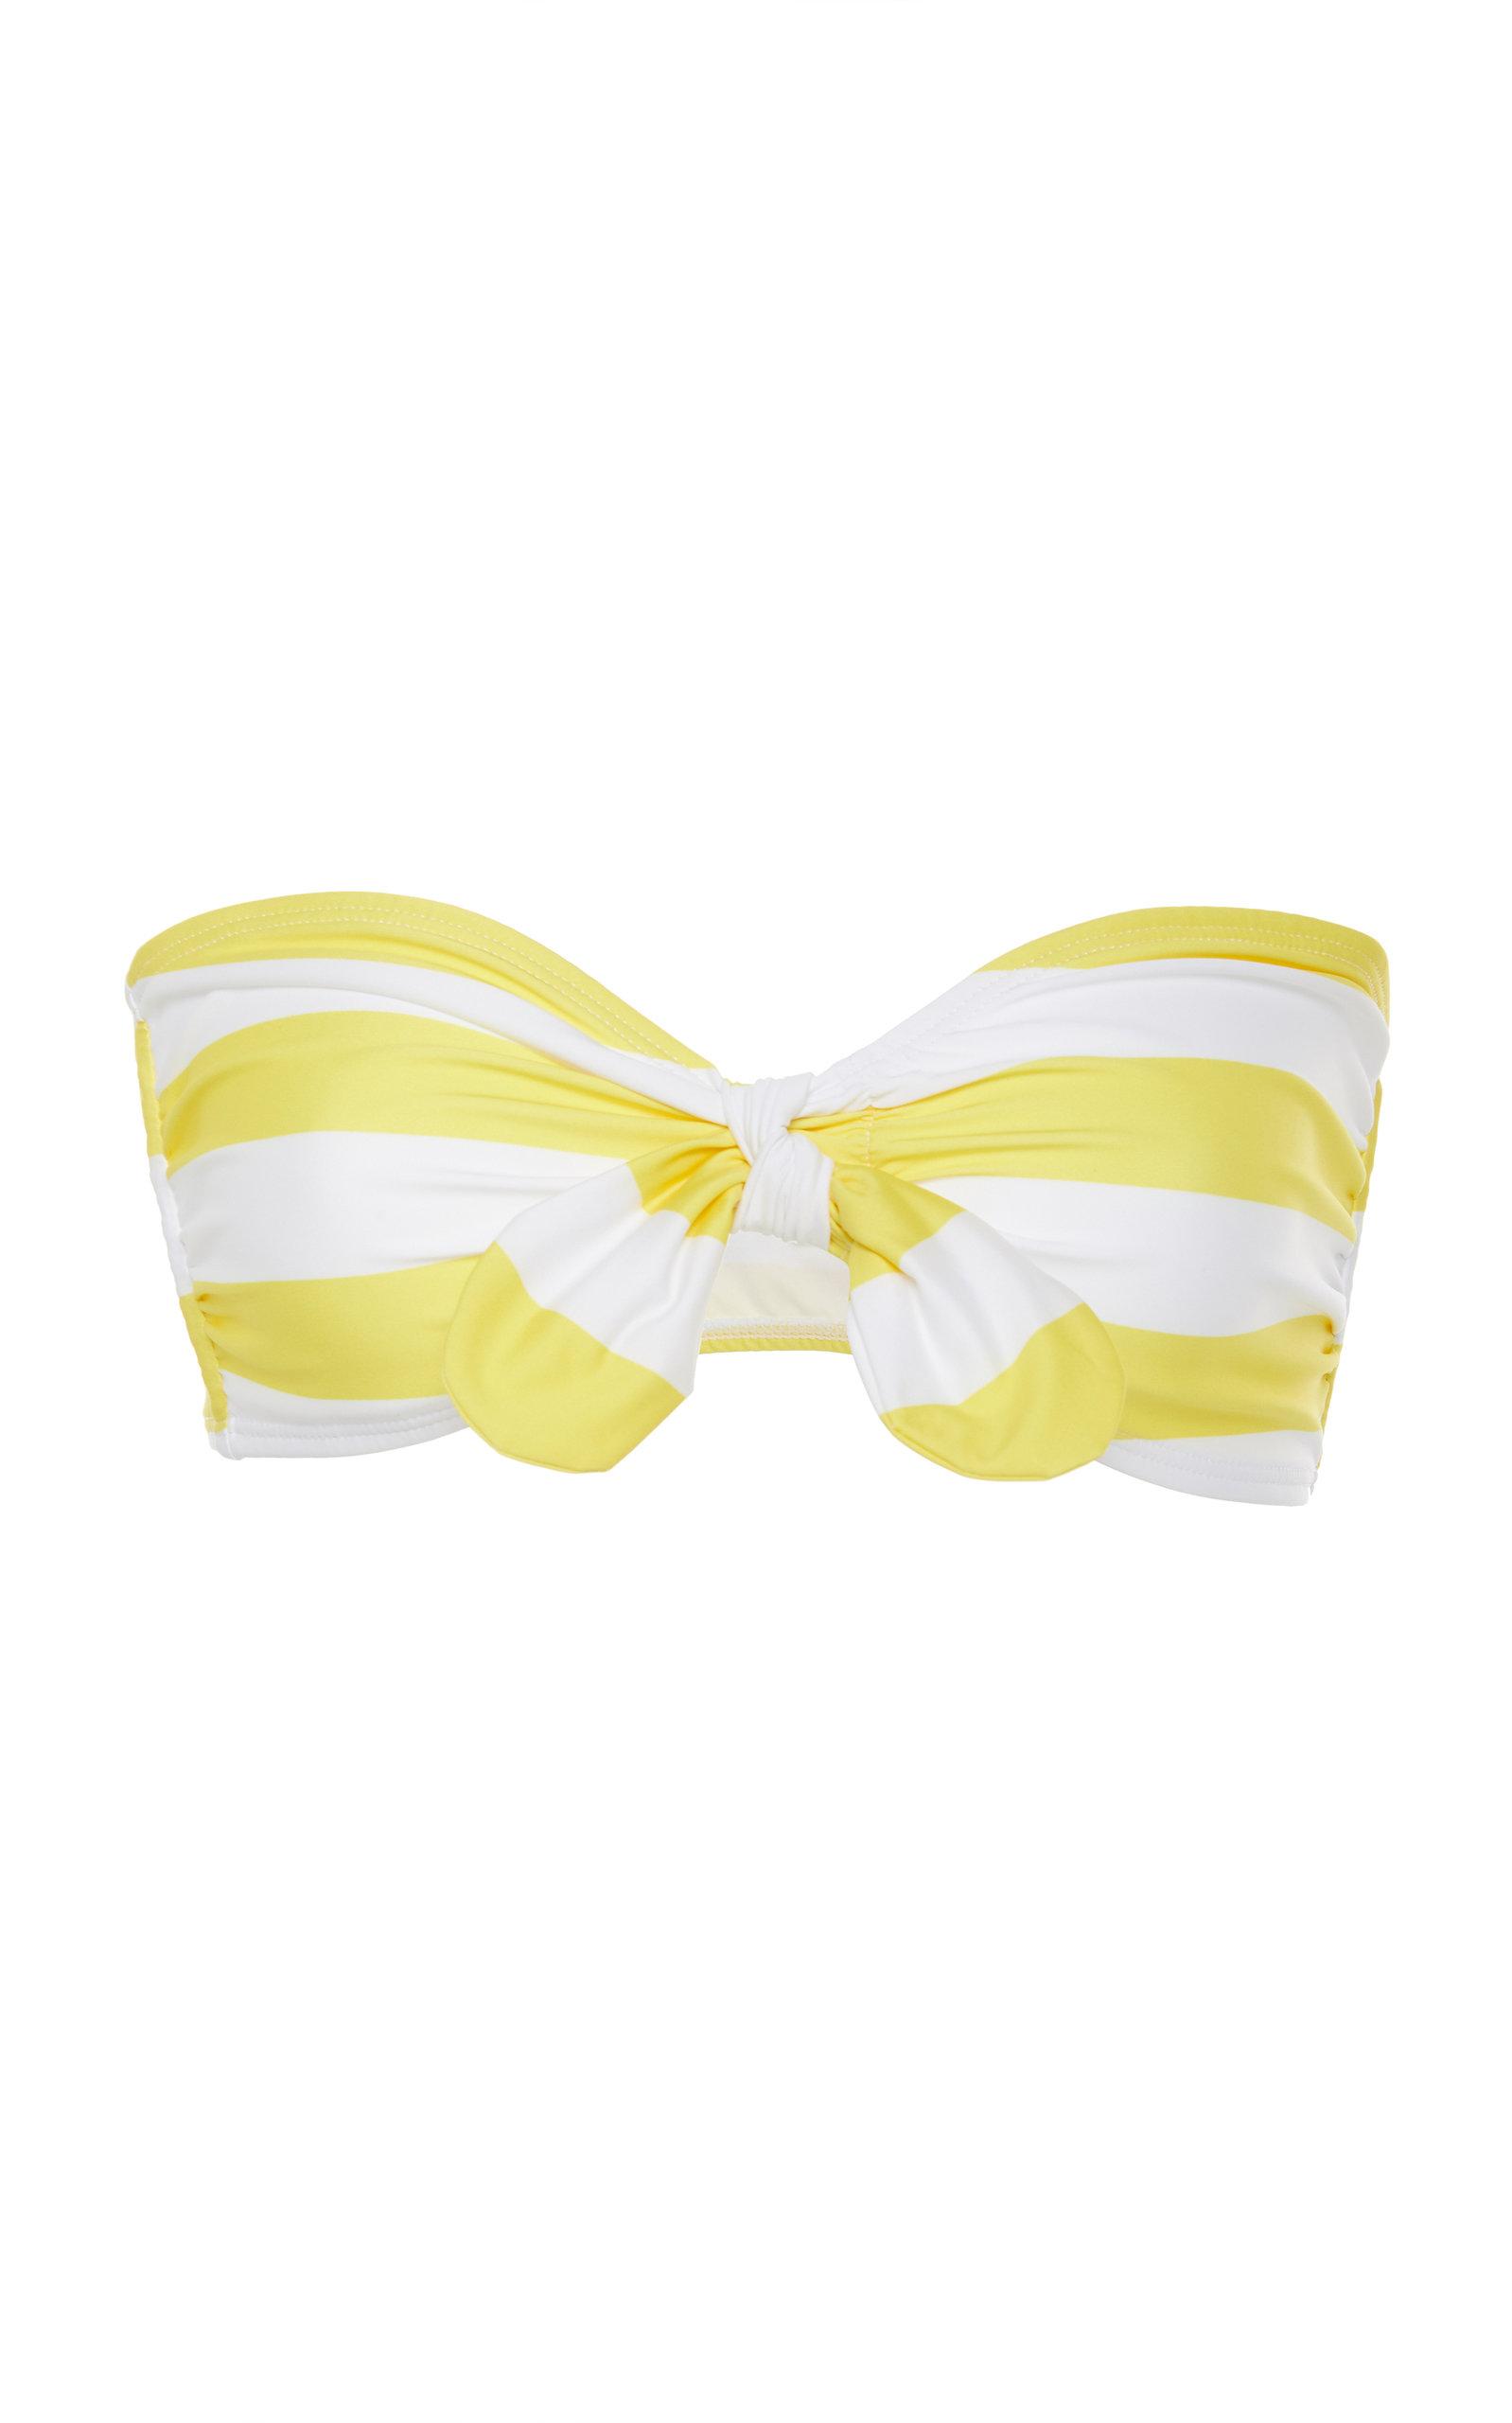 VERDELIMON Malibu Bandeau Bikini Top in Yellow